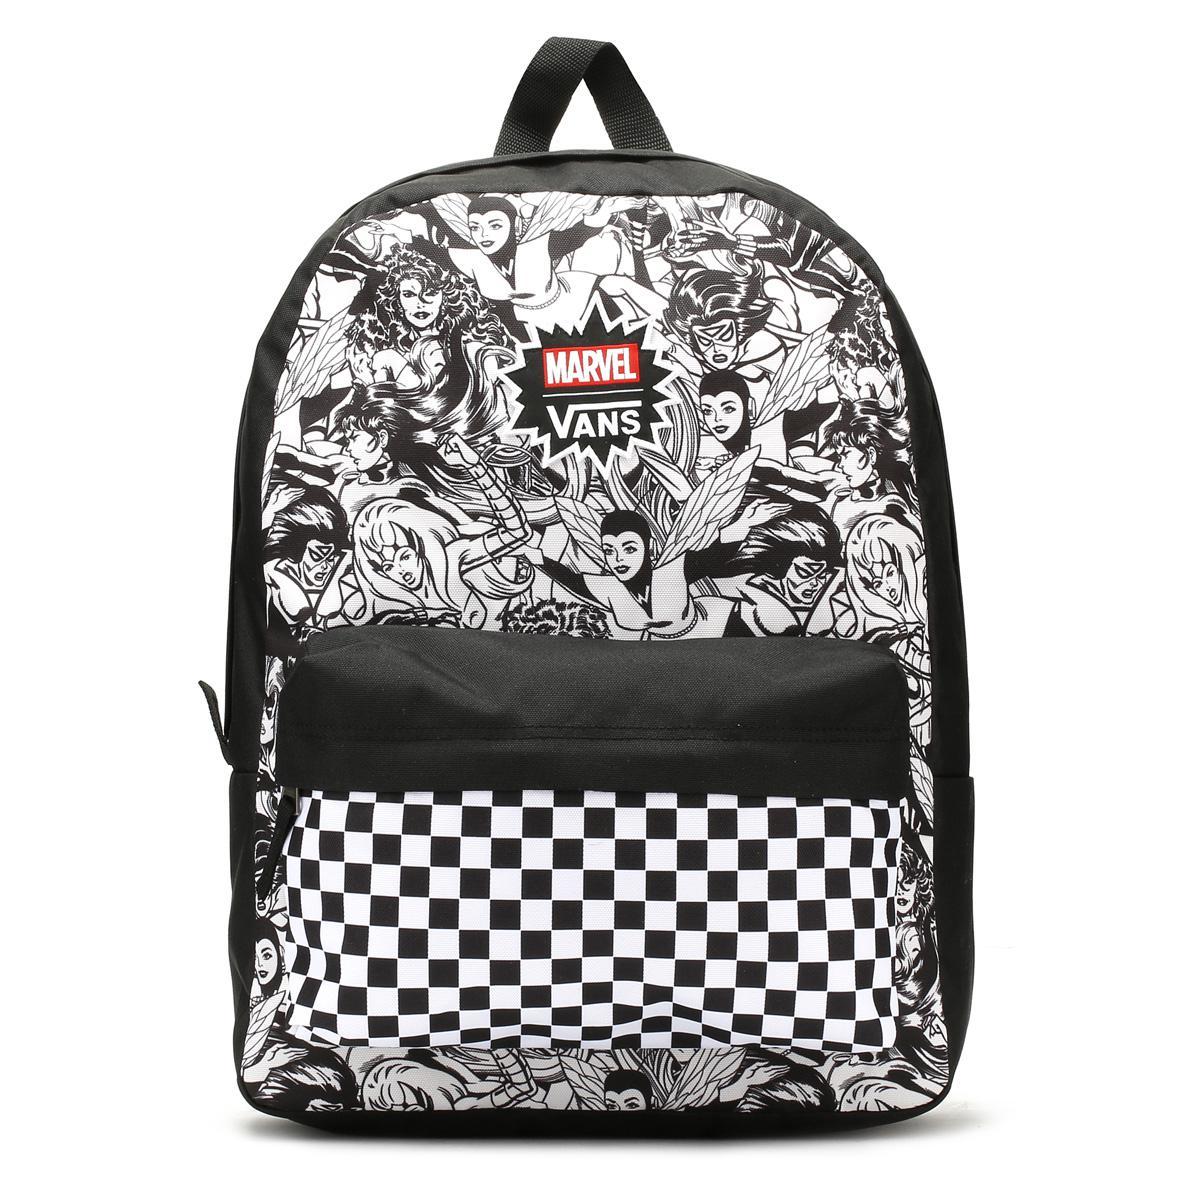 e001fafda9 Lyst - Vans Marvel Multi   Females Realm Backpack in Black